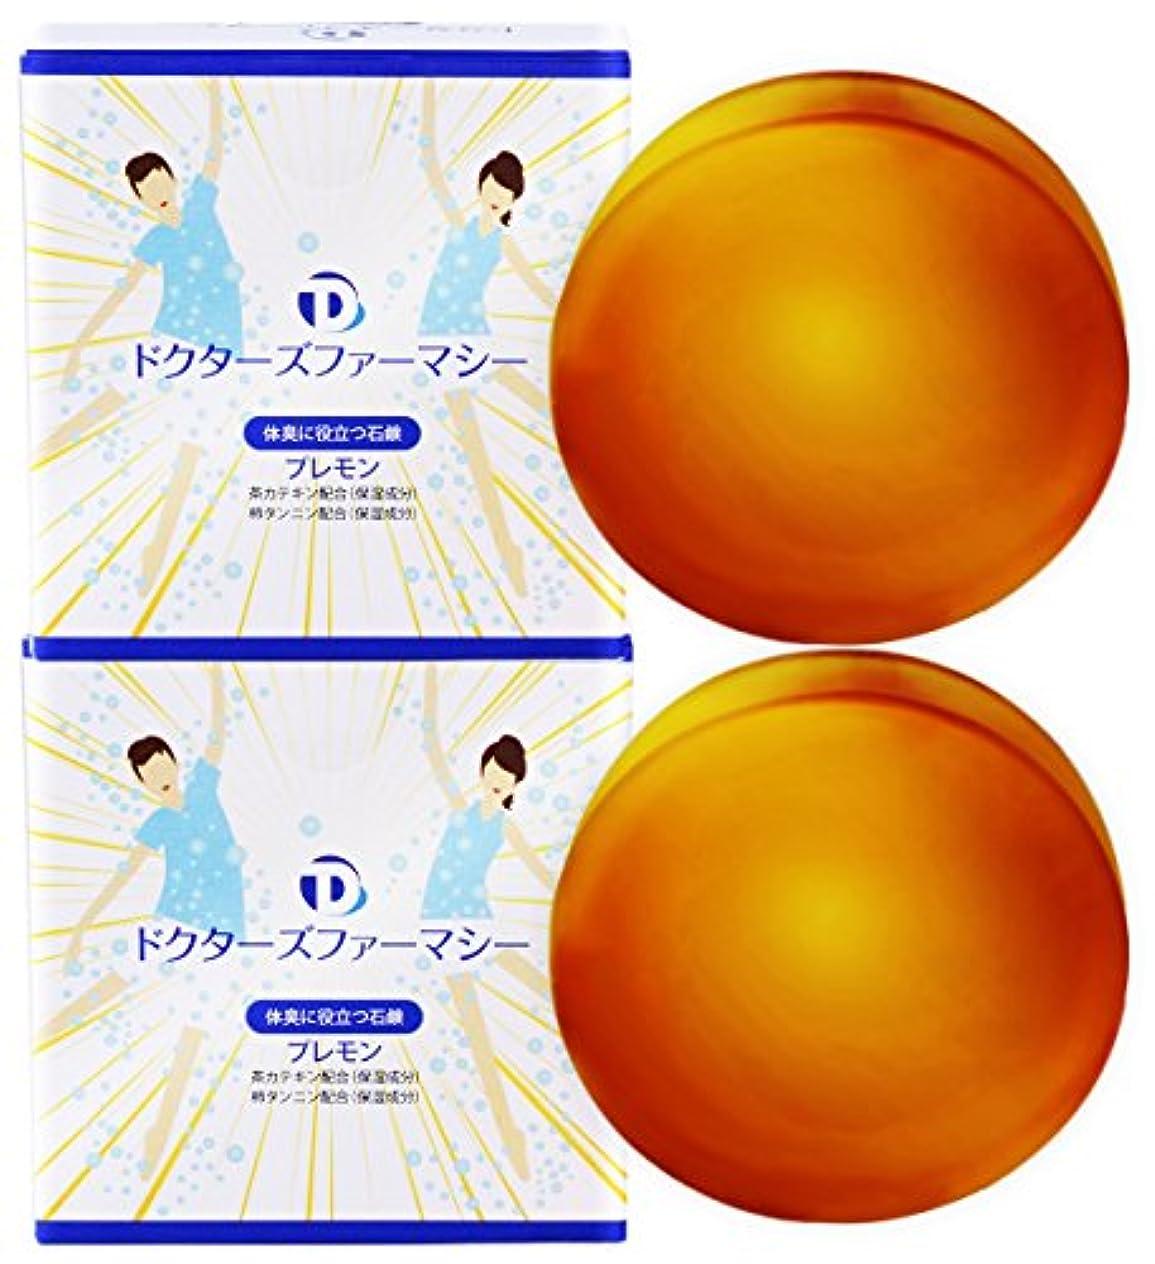 ブランド名飾る公平なプレモン石鹸100g 2個